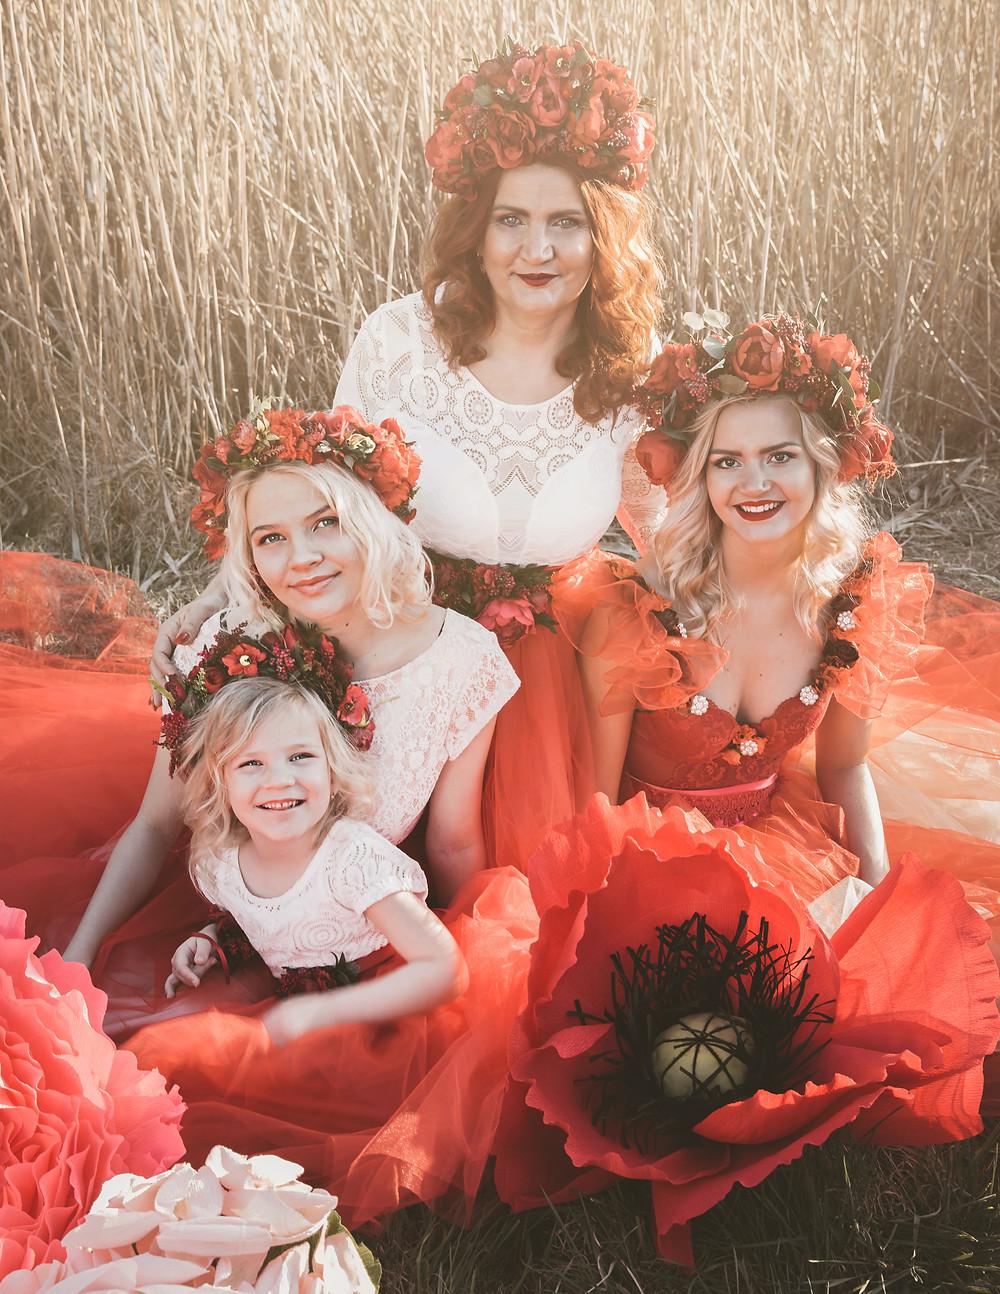 Rodinná fotografia s mamou a jej tromi dcérami, mama má ryšavé vlasy a dcéry sú blond, najmenšia má len 5 rokov, najstaršia cca 24, všetky sa krásne usmievajú, na hlave majú červené kvetinové doplnky a sedia v tráve, okolo nich sú rozloźené veľké nadrozmerné kvety z dielne Eternalflowers